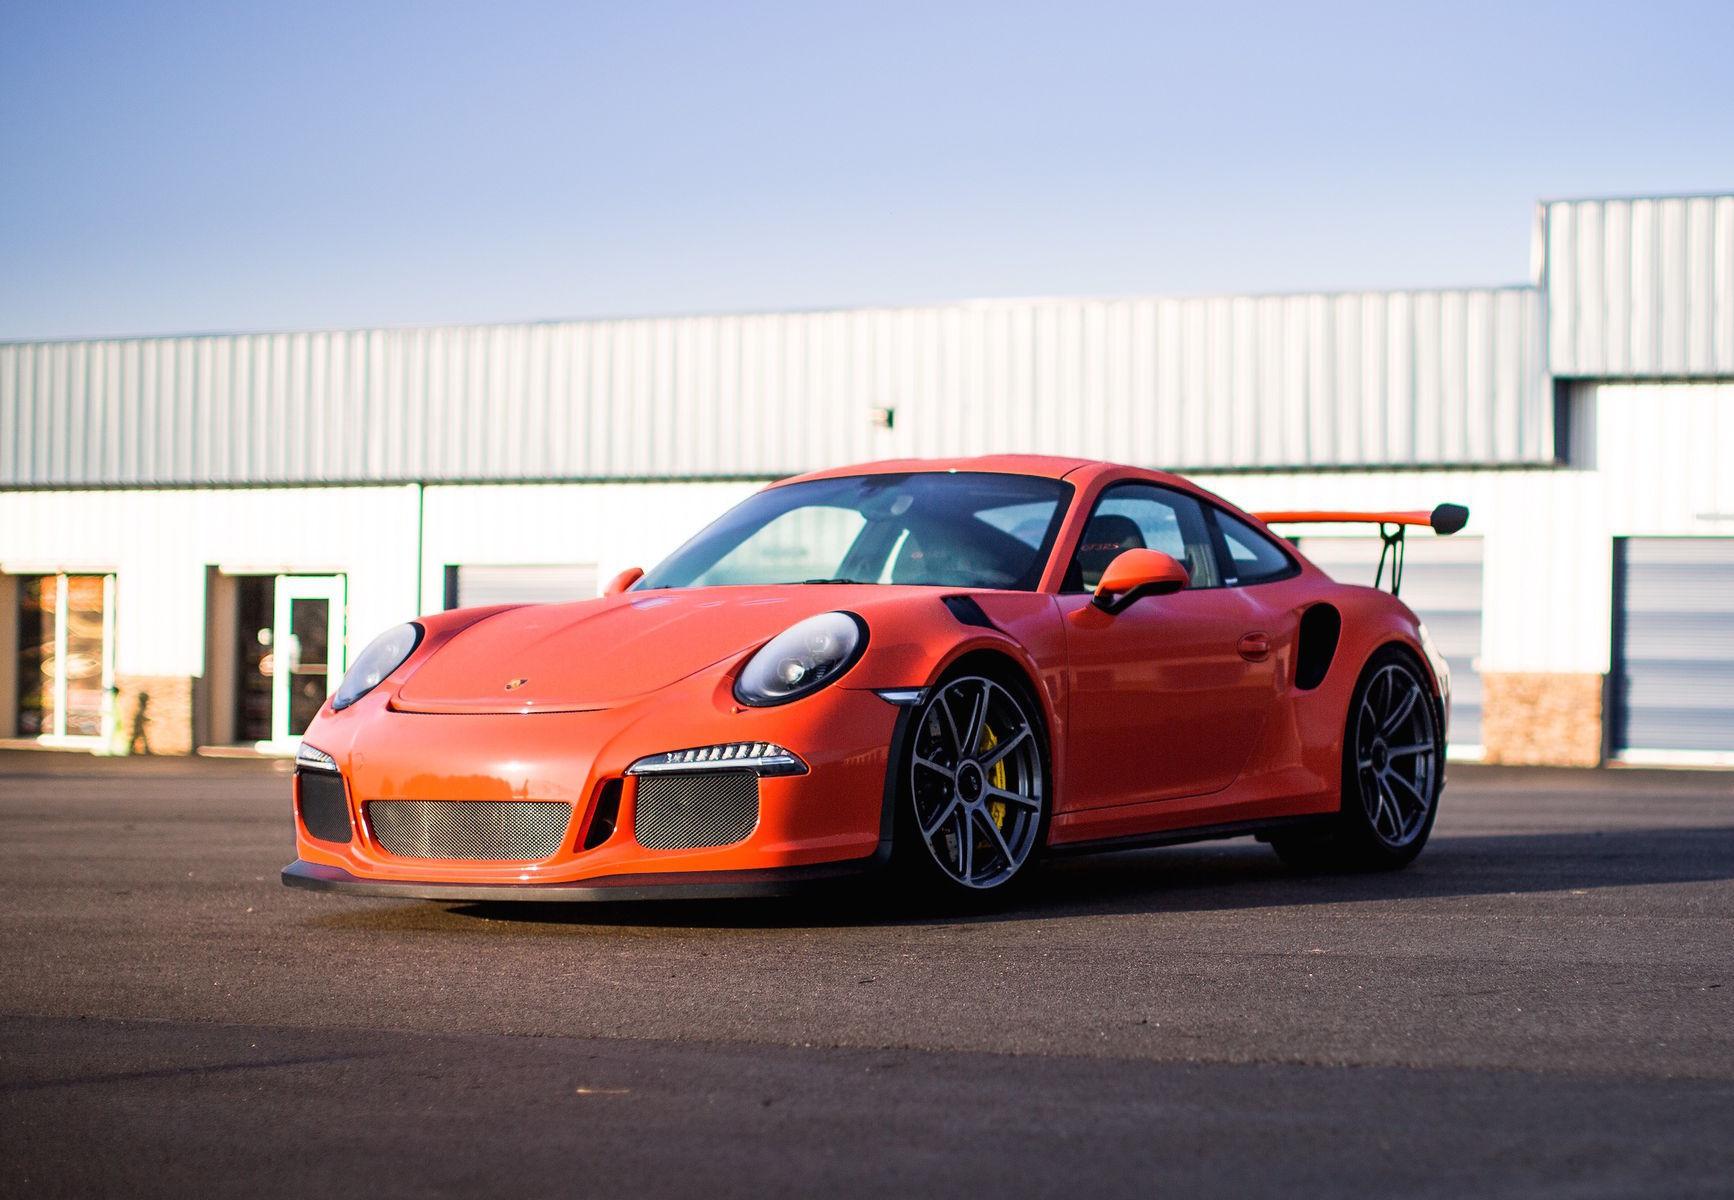 2016 Porsche 911 | Seth Thomas' Porsche 991 GT3RS on Forgeline One Piece Forged Monoblock GE1 Wheels